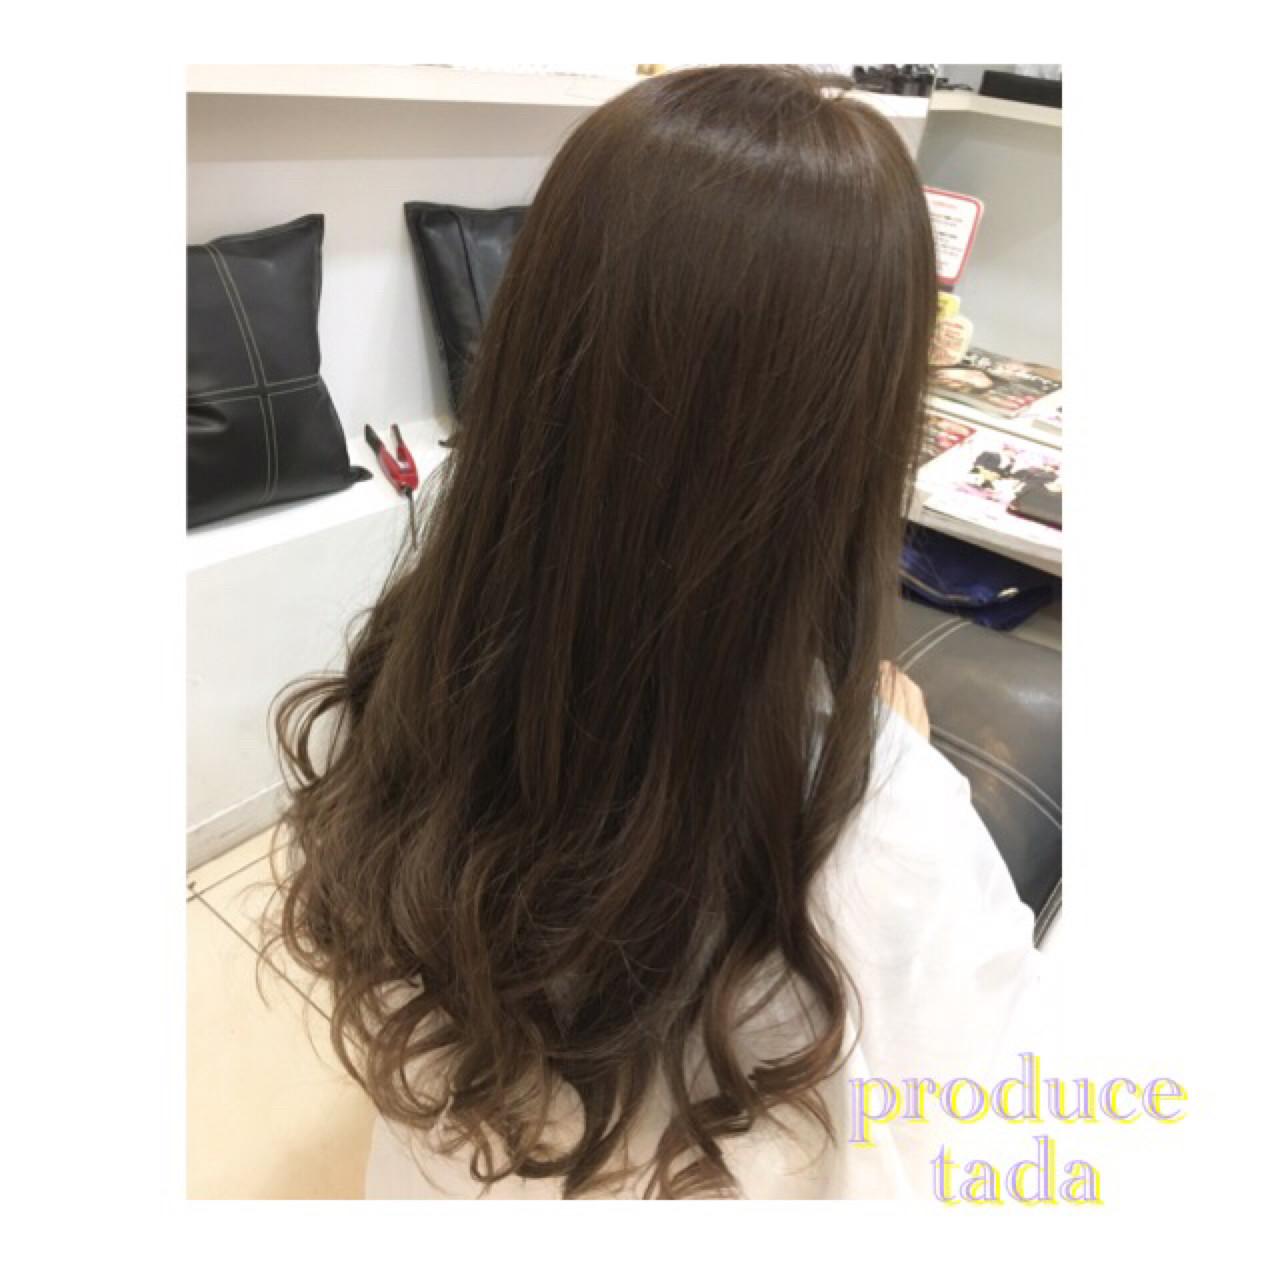 アッシュ 外国人風 グラデーションカラー 暗髪 ヘアスタイルや髪型の写真・画像   多田 千裕 / produce町田店